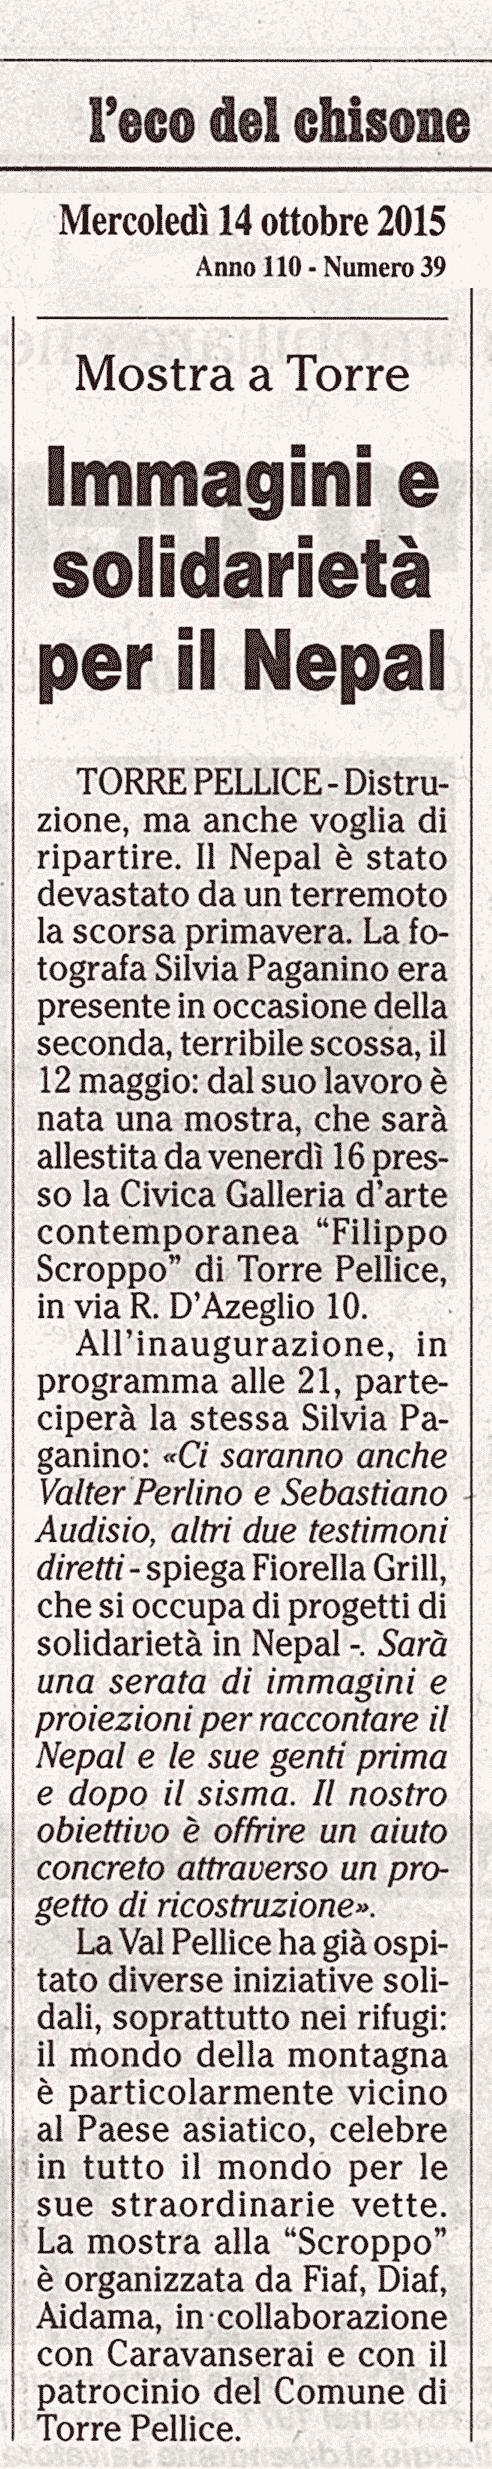 Eco-del-Chisone-14-10-2015